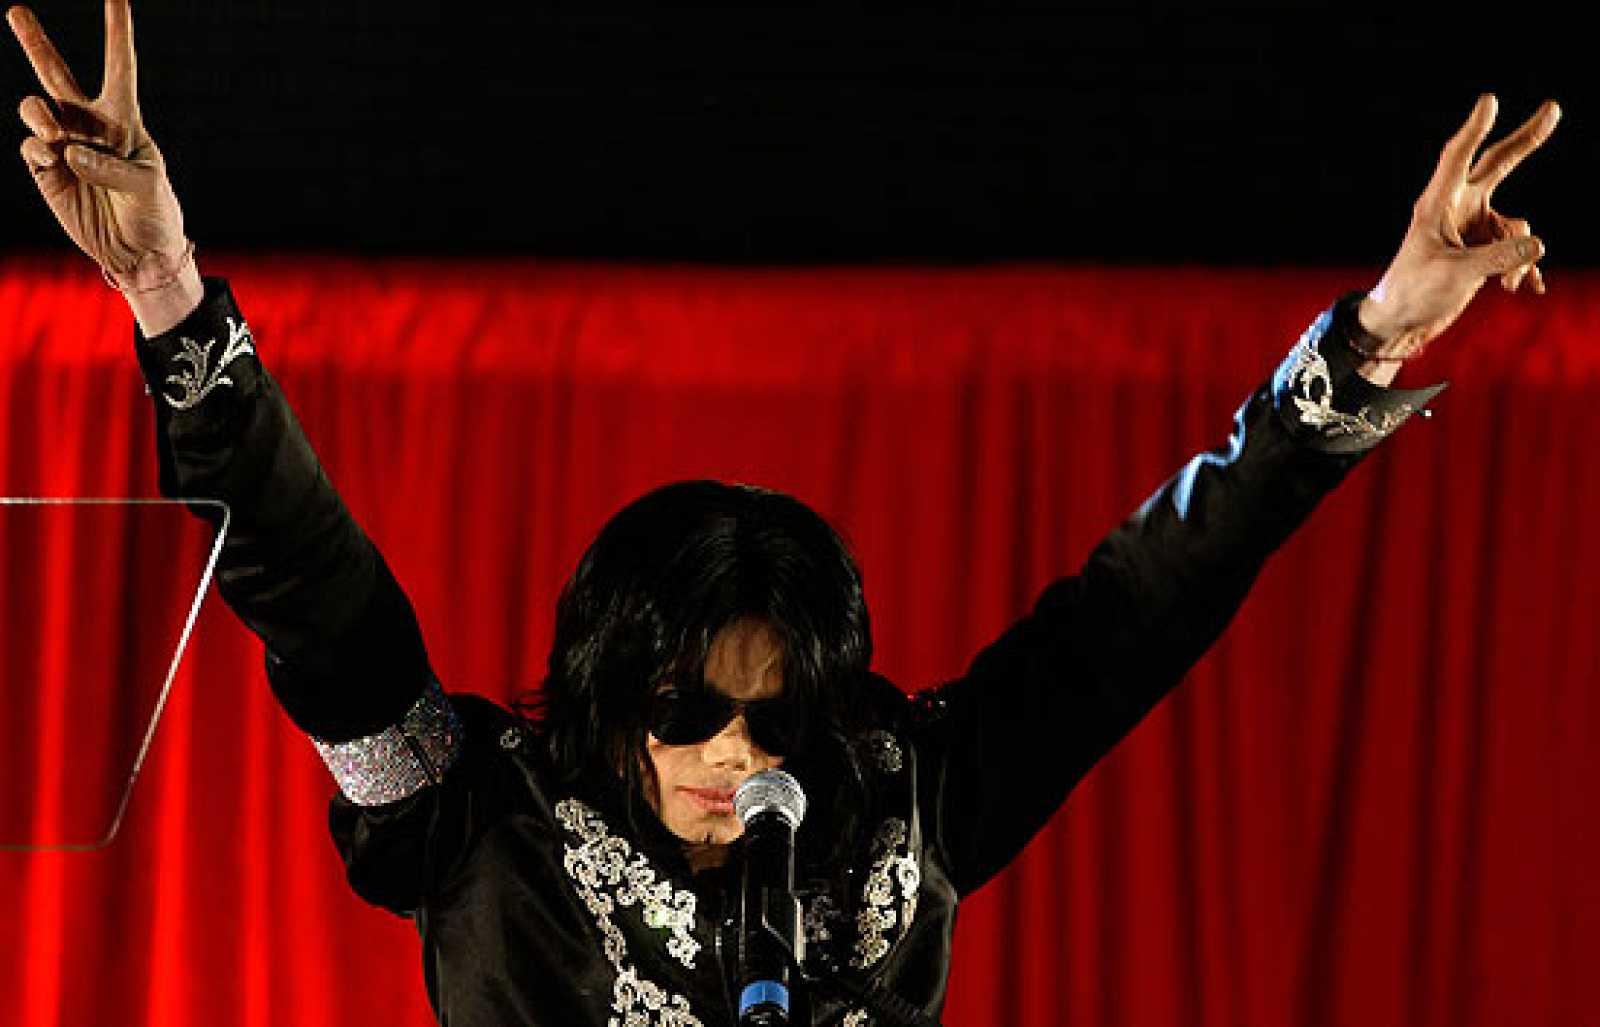 El llamado 'Rey del pop' ha anunciado que dará una serie de 10 conciertos en Londres el próximo mes de julio.